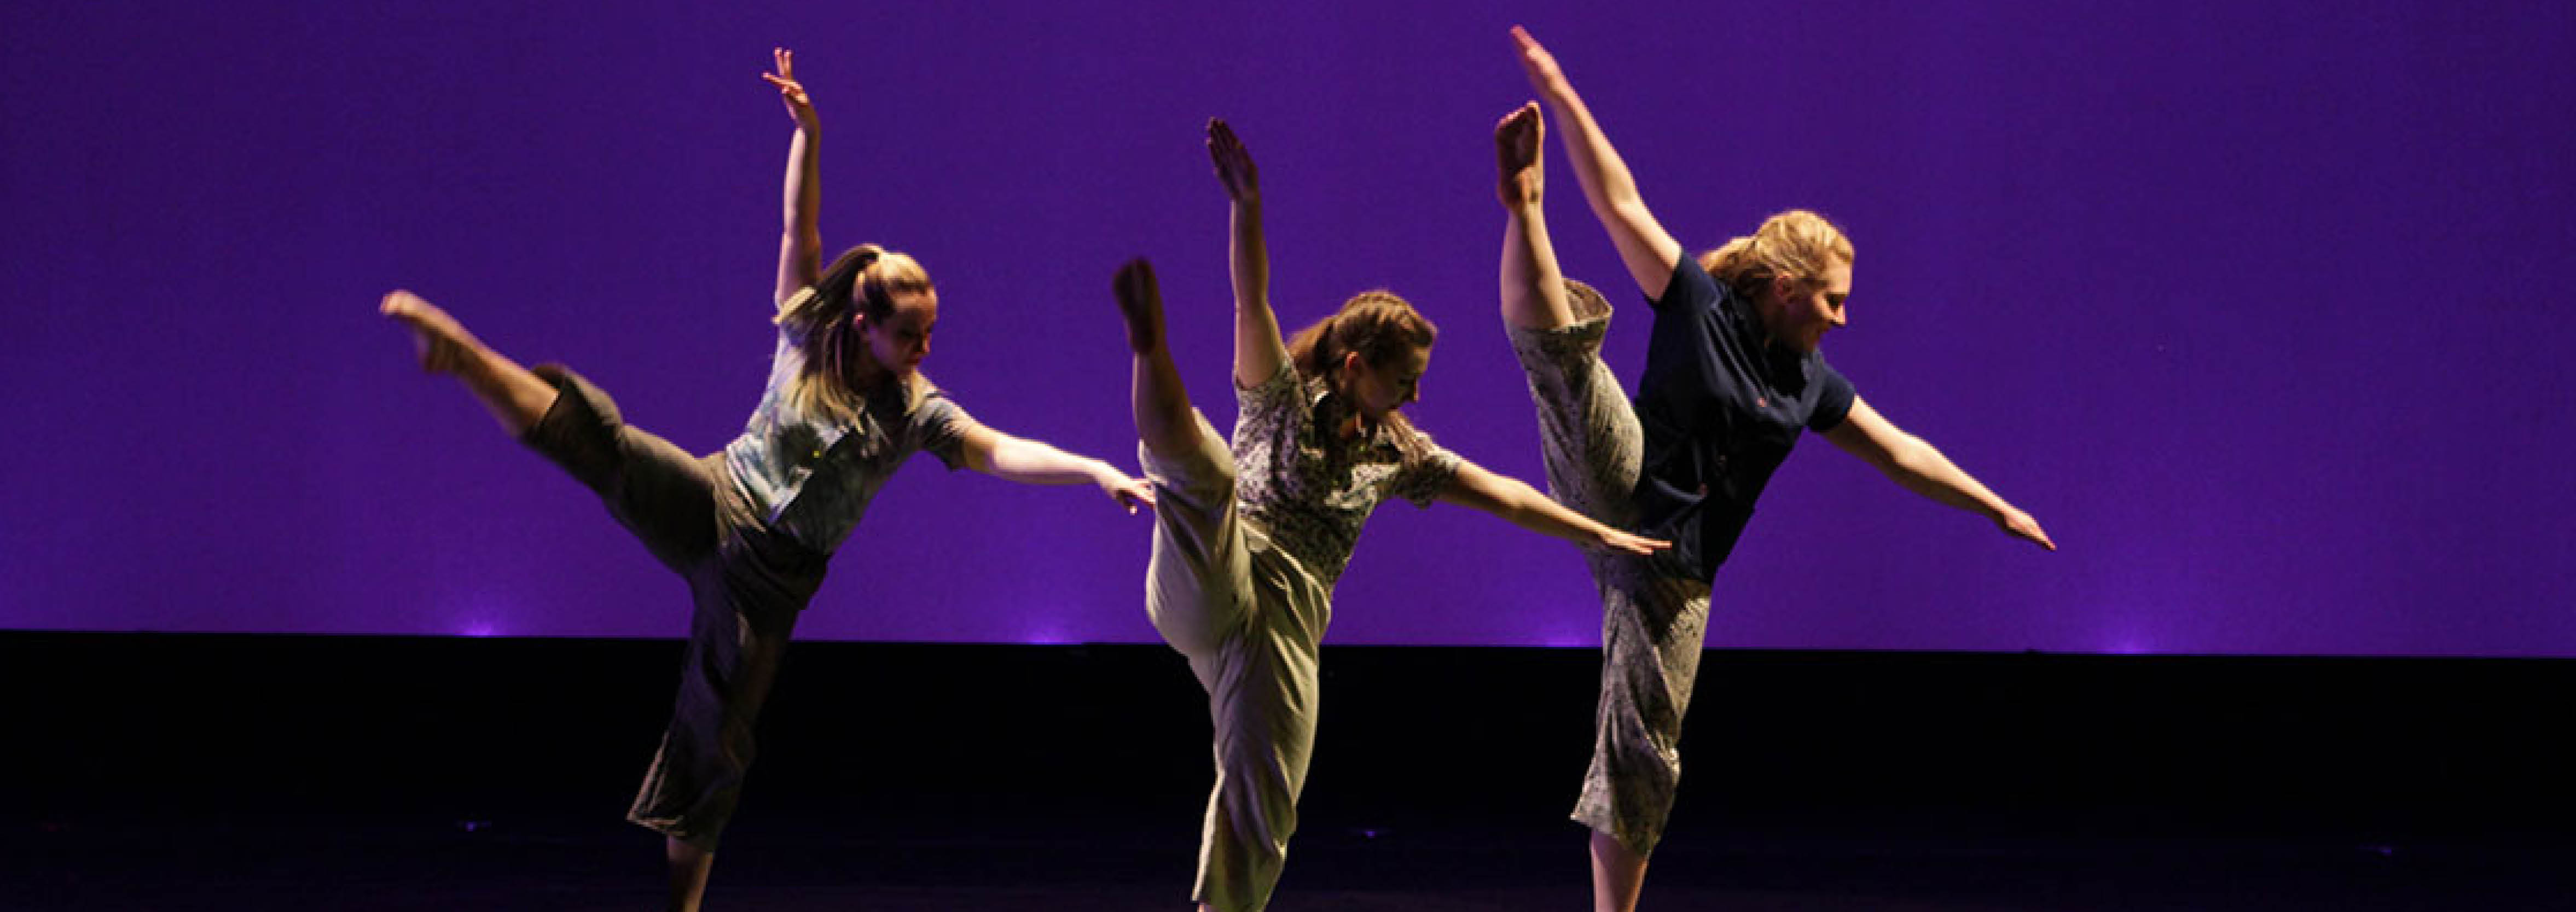 DanceScapes '16